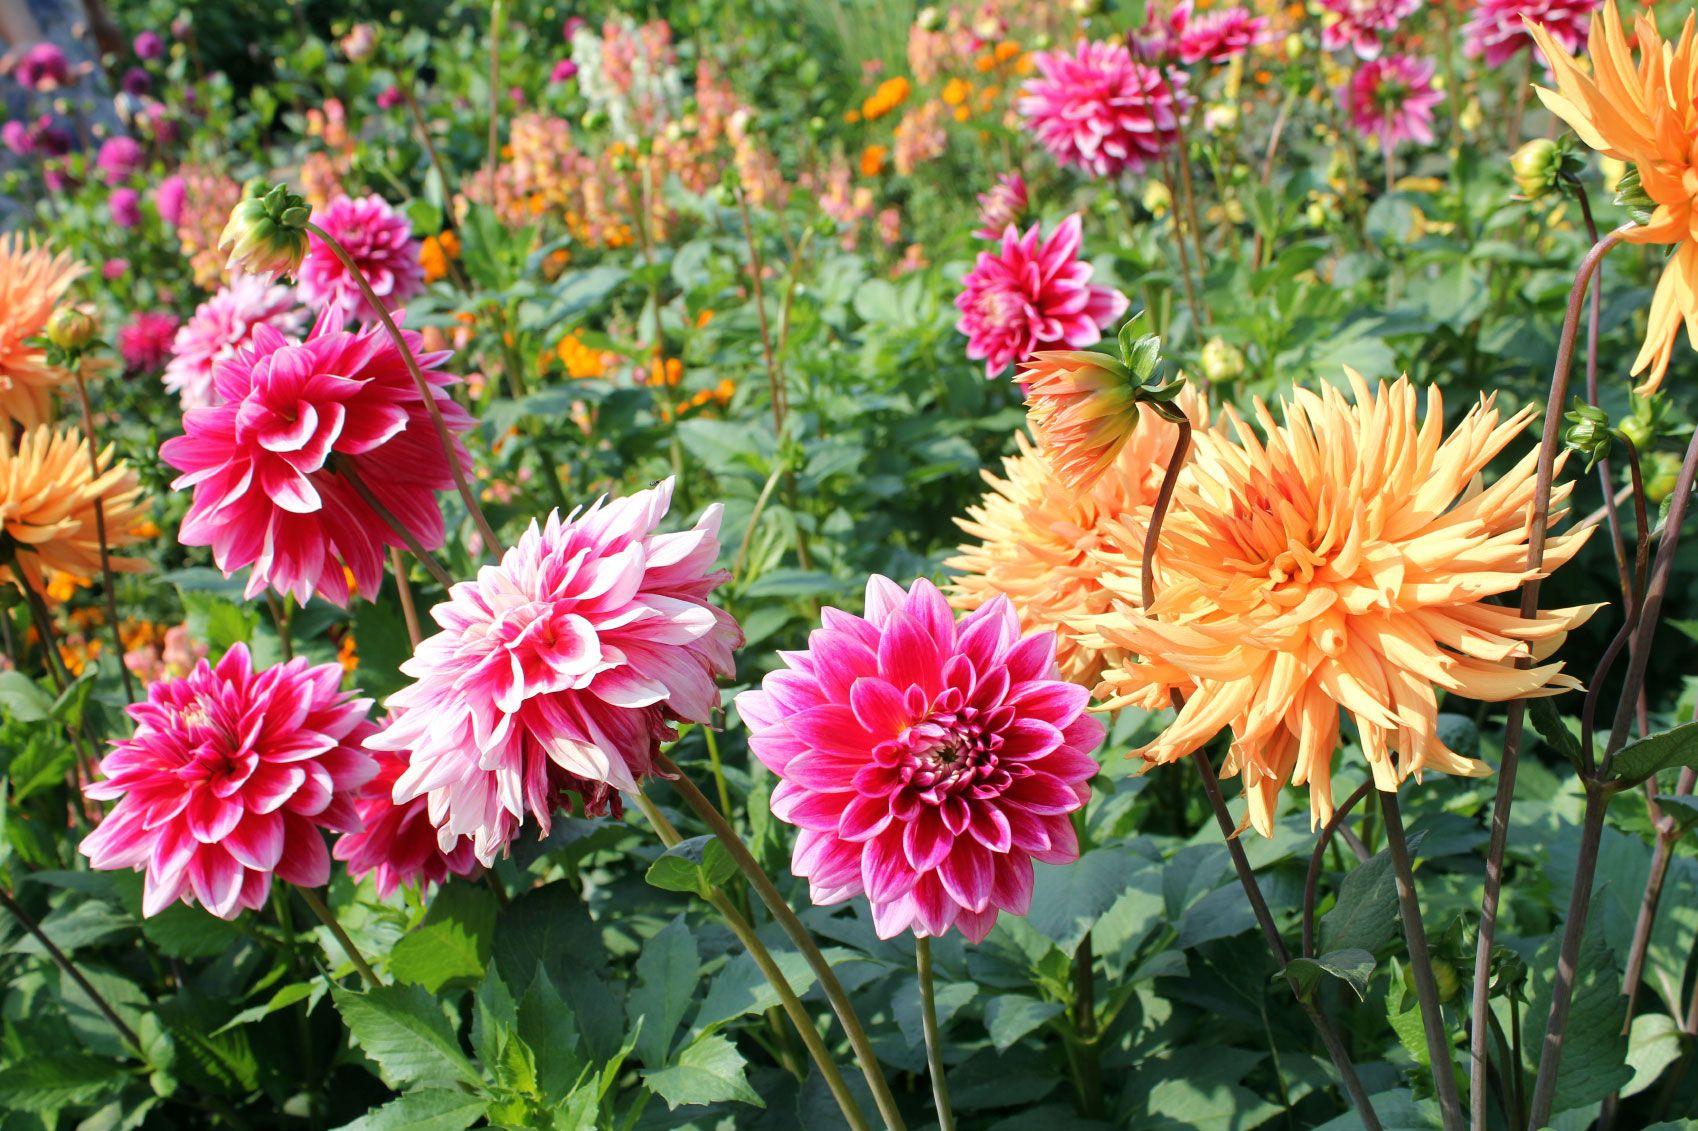 Dahlia Care How To Grow A Dahlia Plant